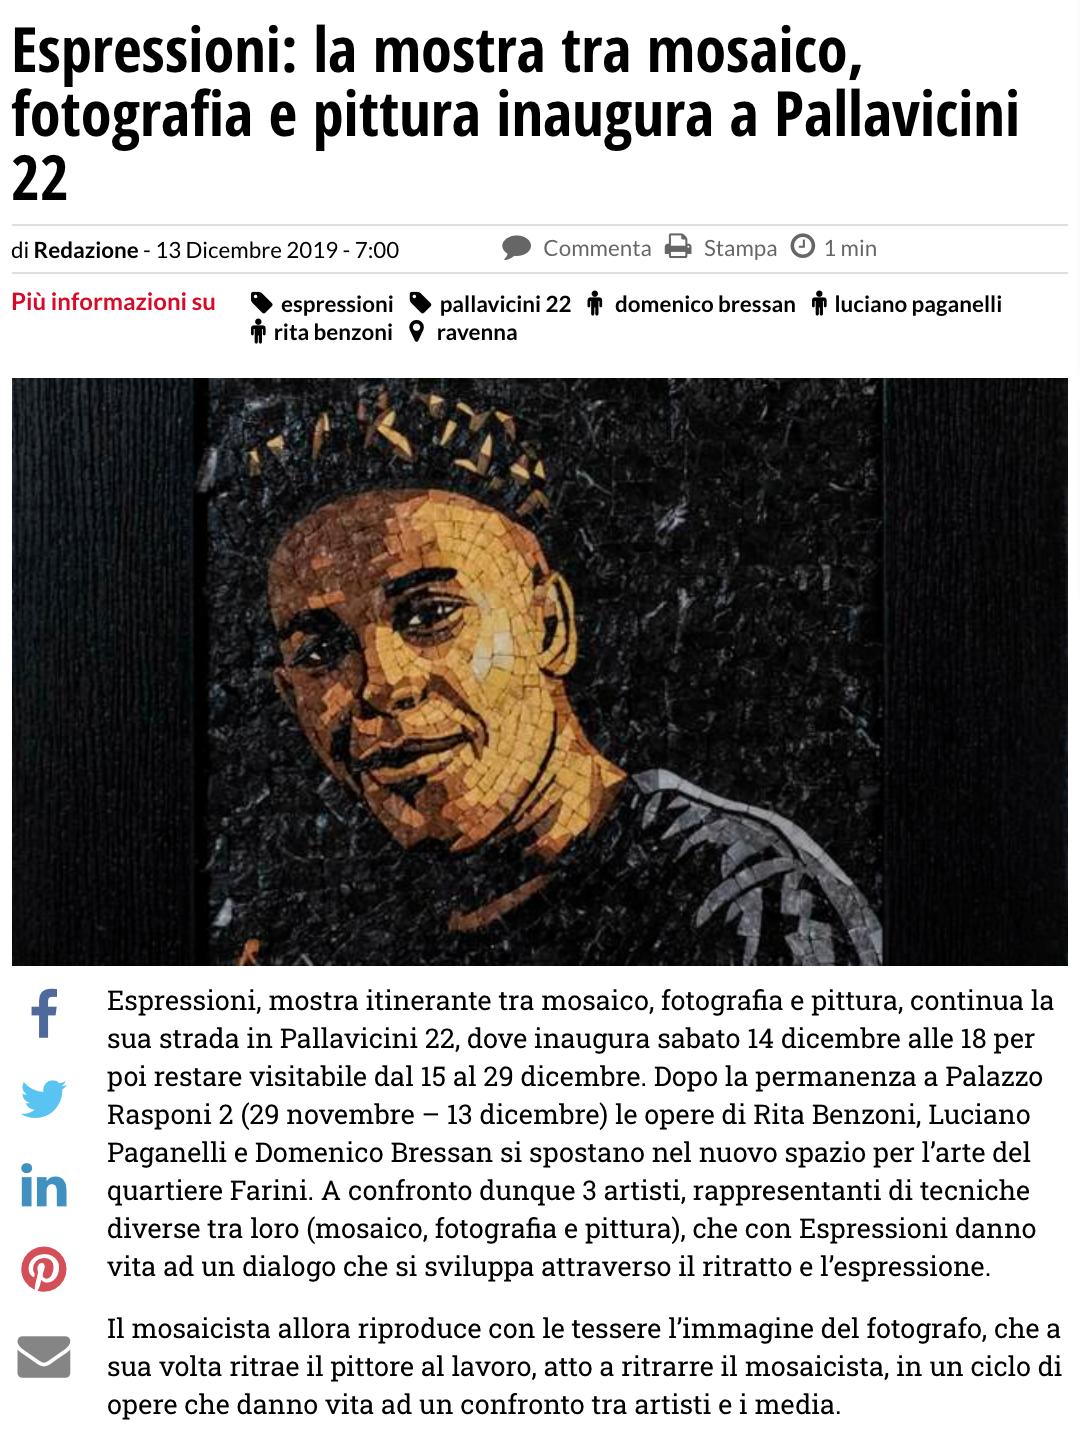 Espressioni su Ravennanotizie.it | Pallavicini22 spazio espositivo Ravenna